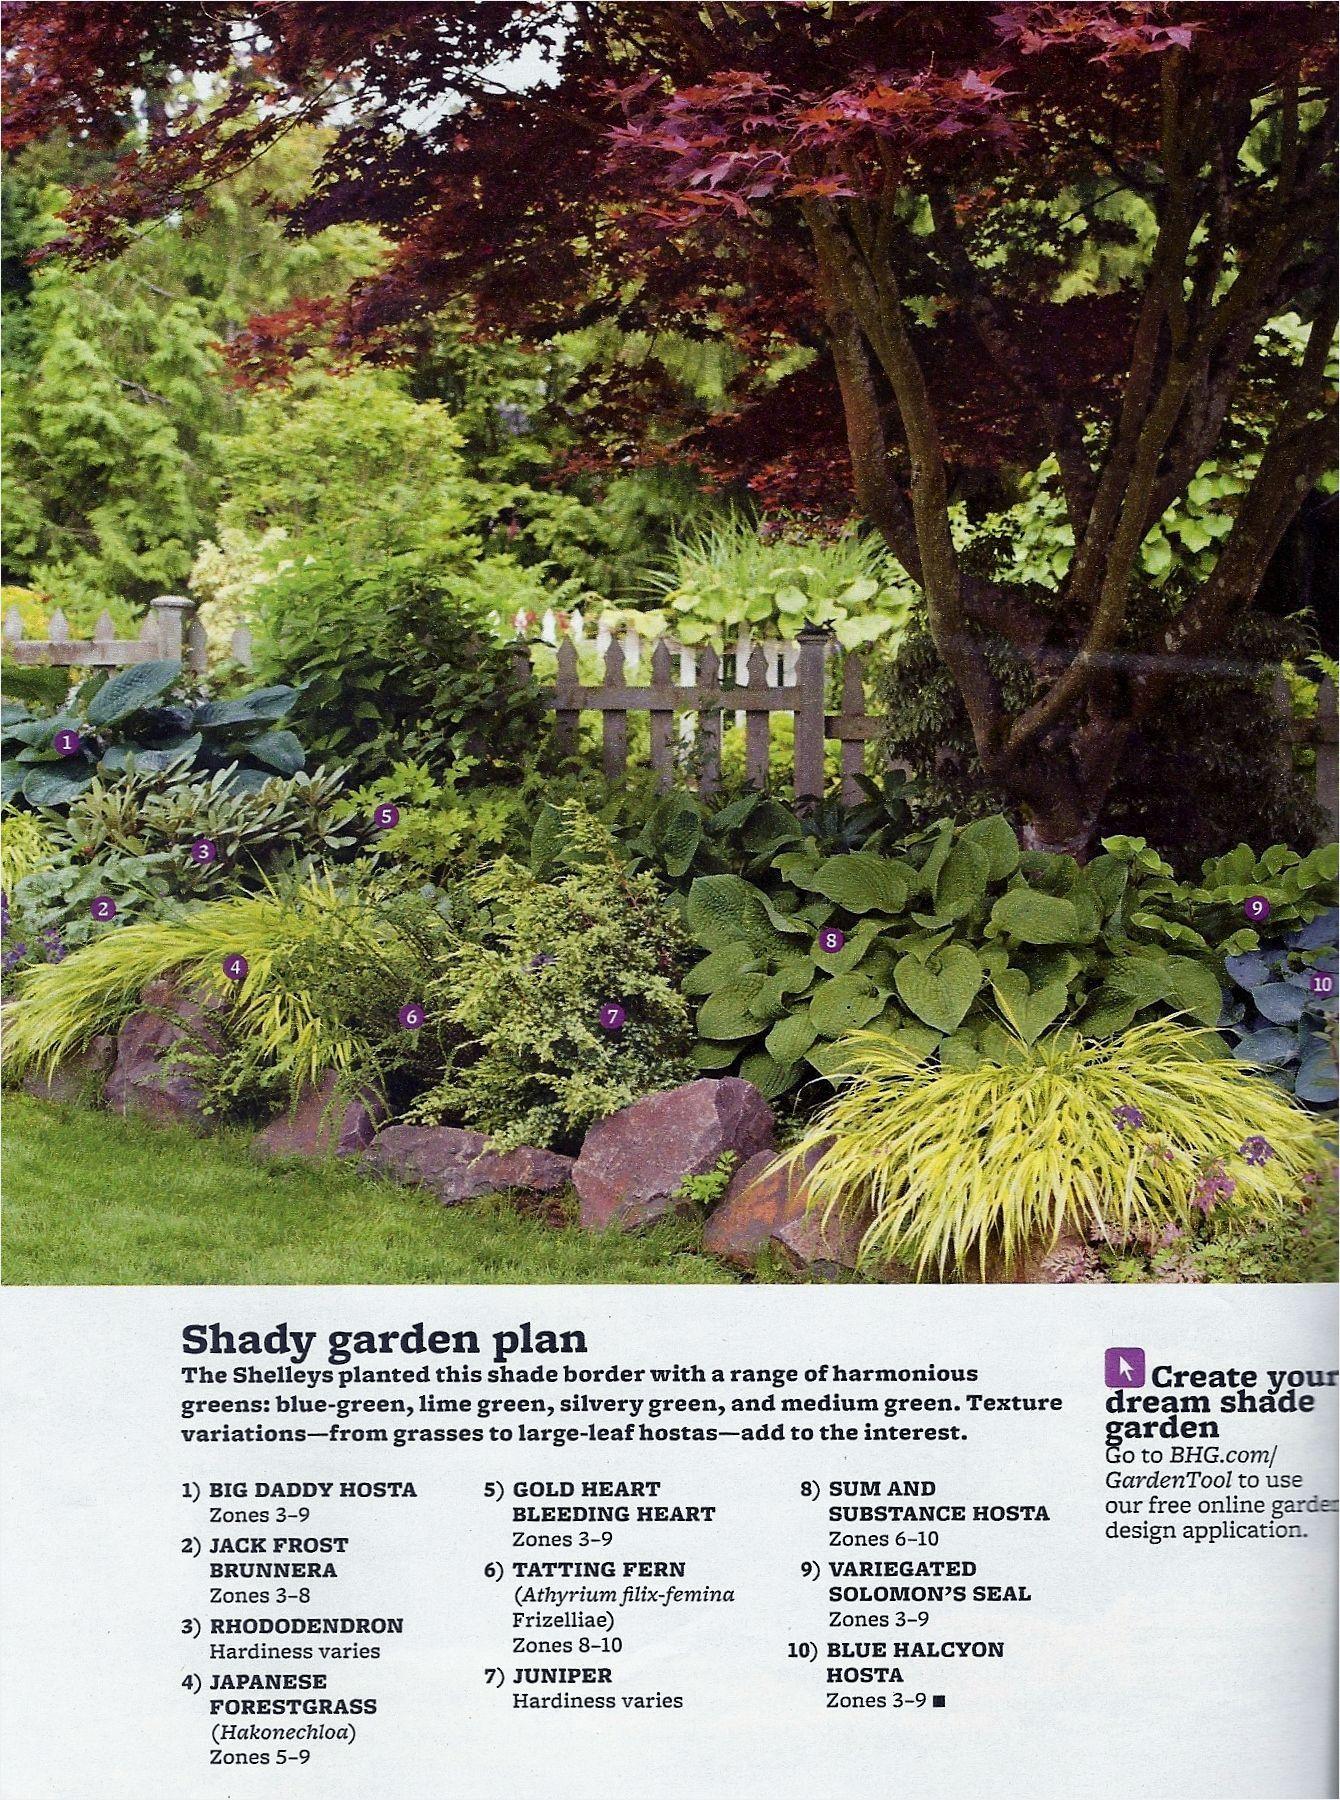 Better Homes And Gardens Magazine August 2012 Minimalist Shade Garden Plants Zone 5 Mu44578 Shade Garden Plants Shade Garden Garden Planning